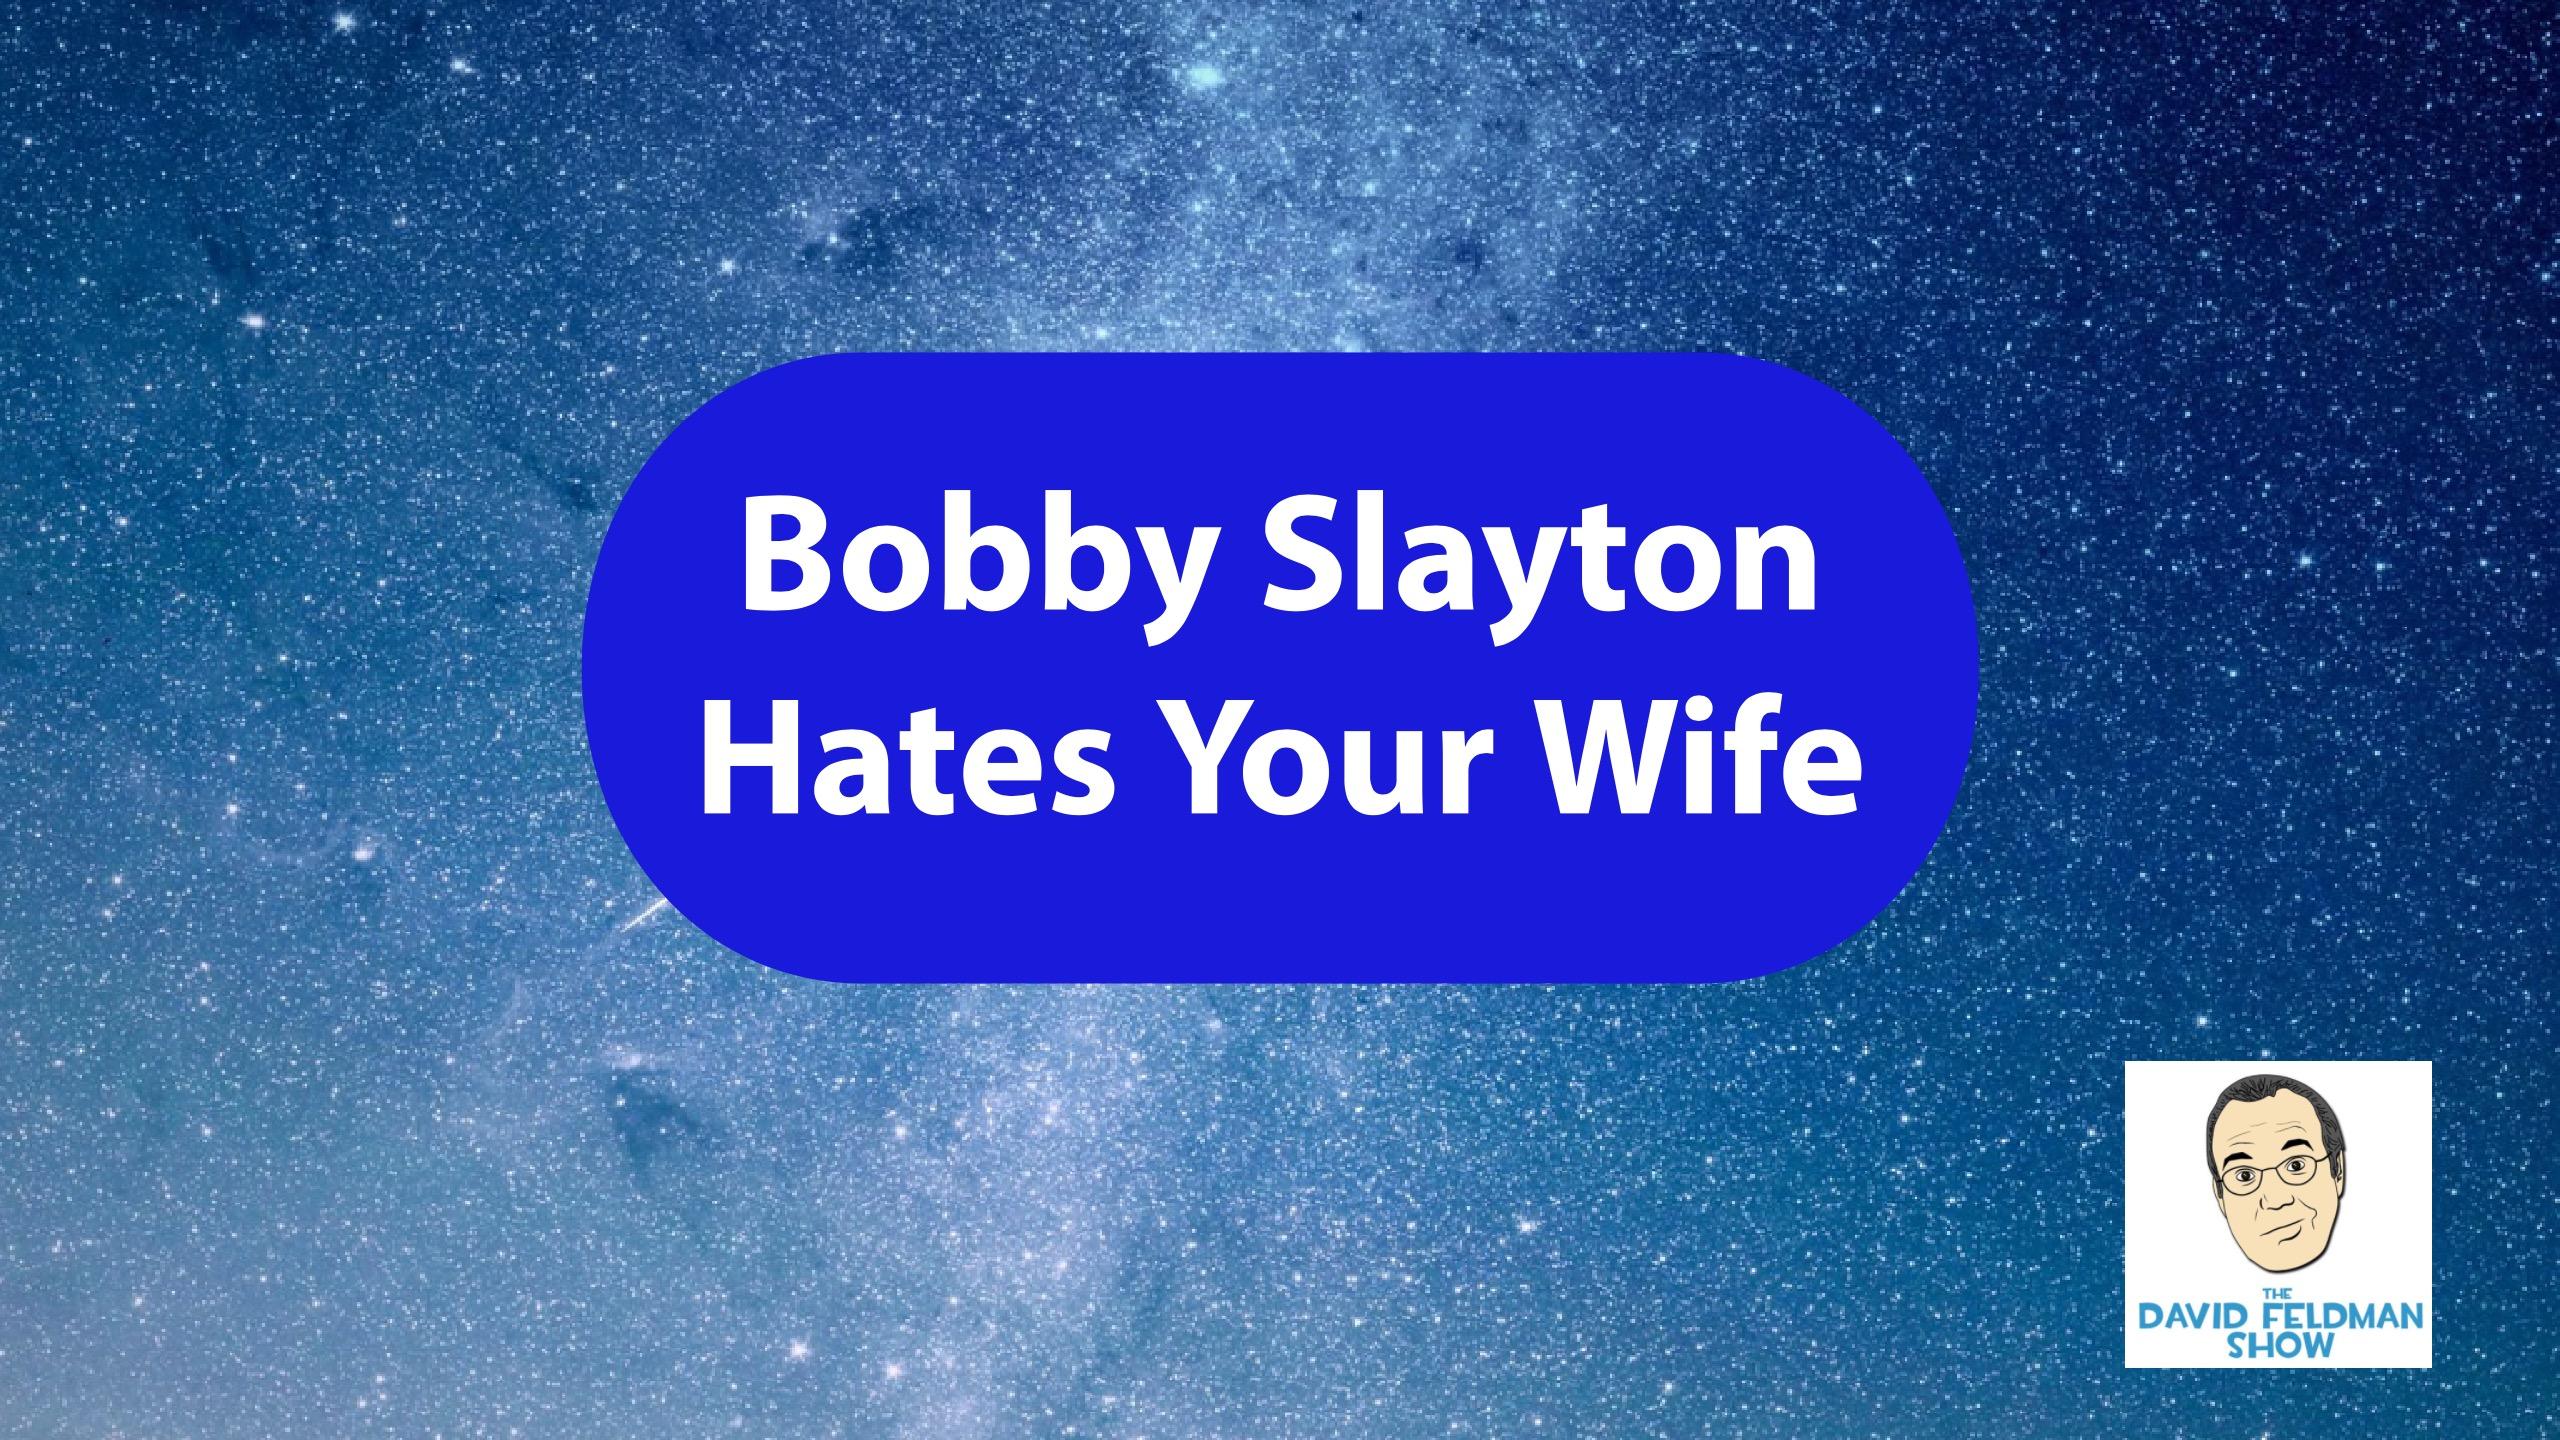 Bobby Slayton Hates Your Wife